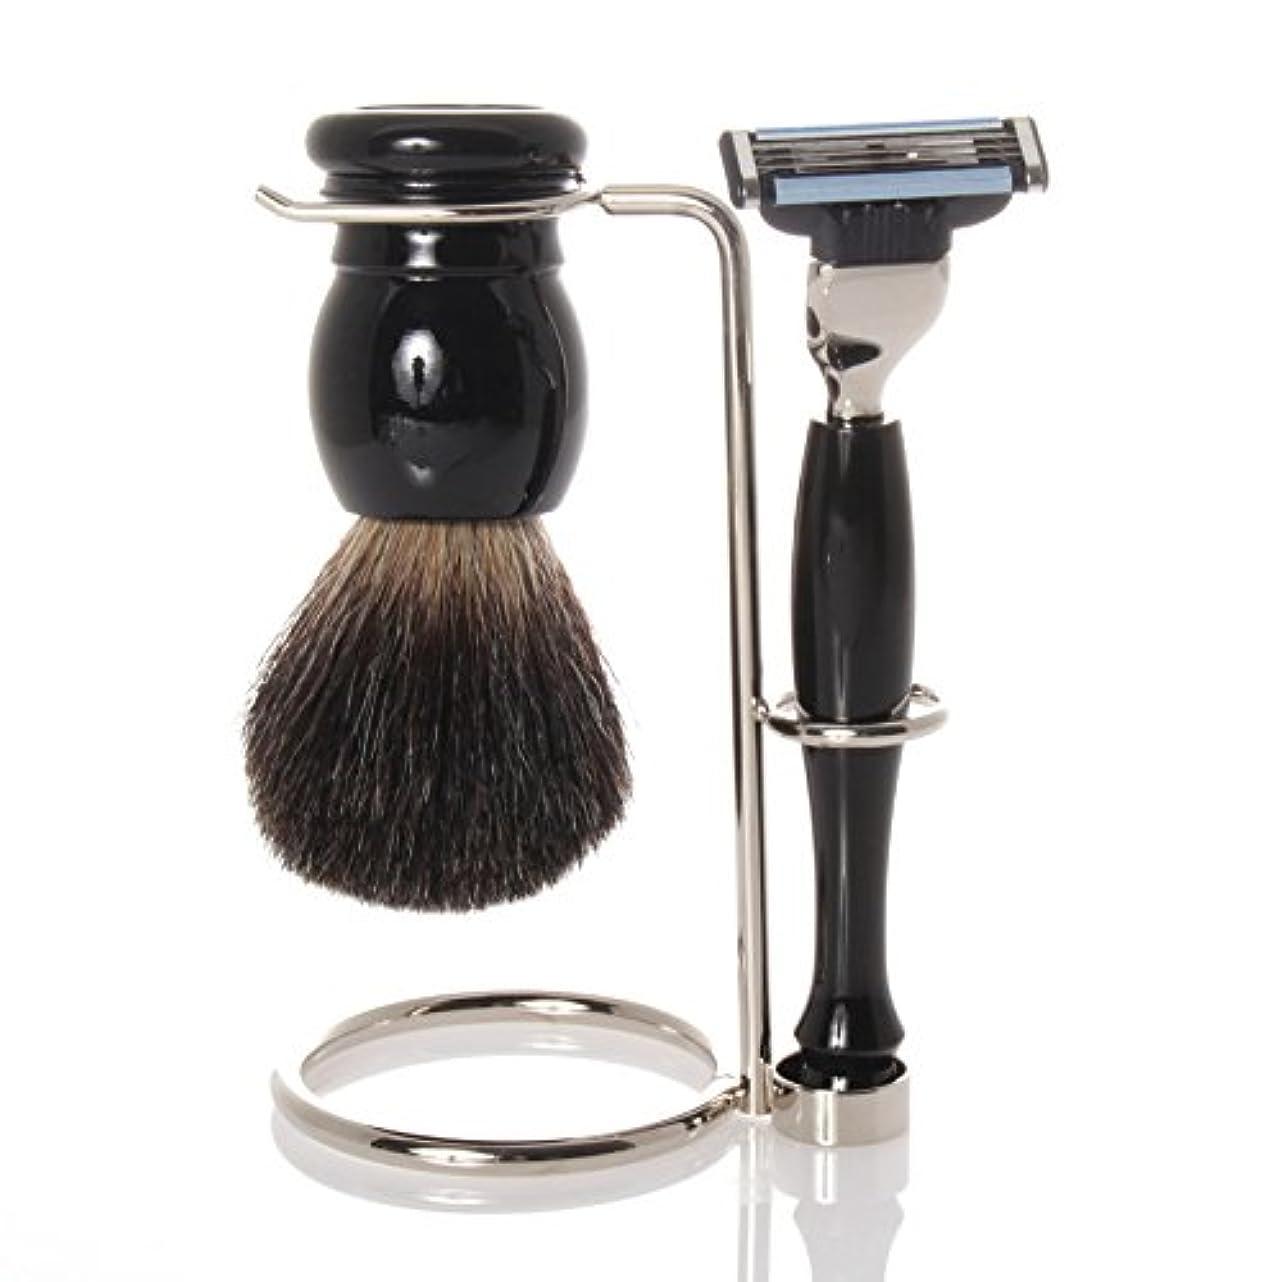 論争の的姪迫害するShaving set with holder, grey badger brush, razor - Hans Baier Exclusive